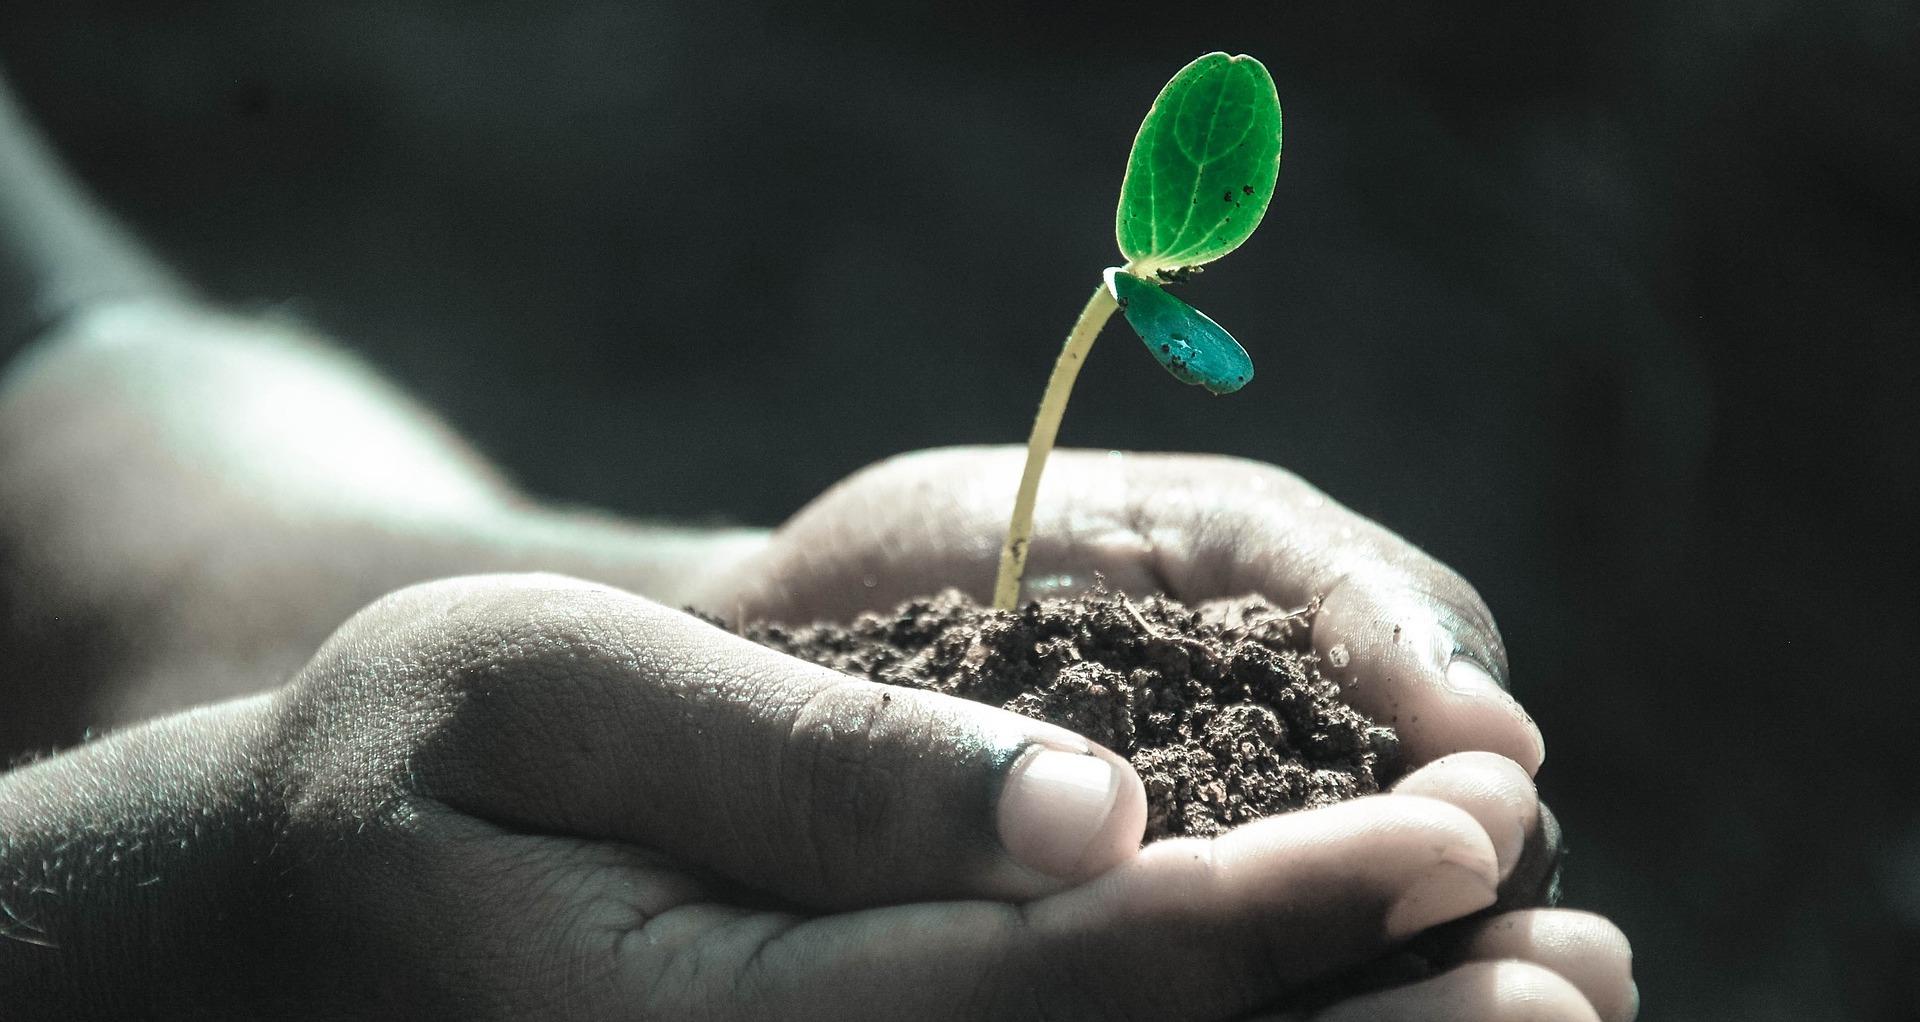 Hvordan blir en plantes vekst påvirket av tyngdekraften?